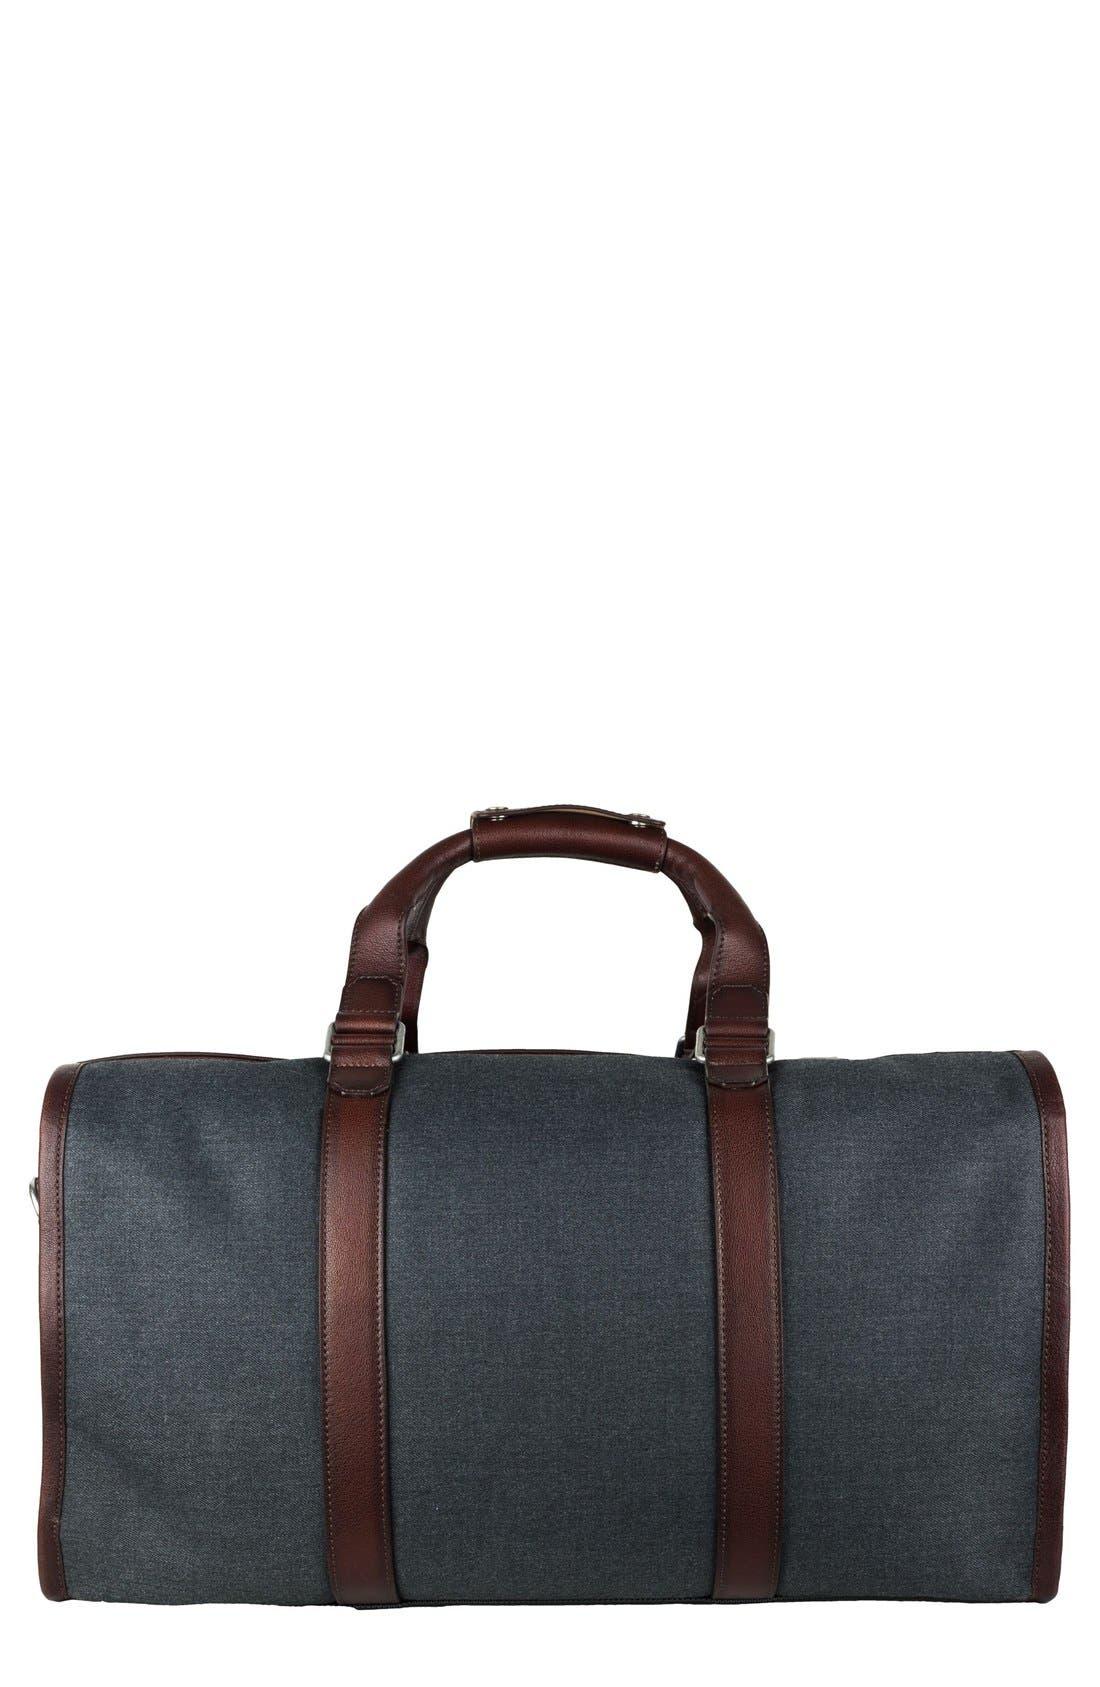 'Grafton' Duffel Bag,                         Main,                         color, Grey